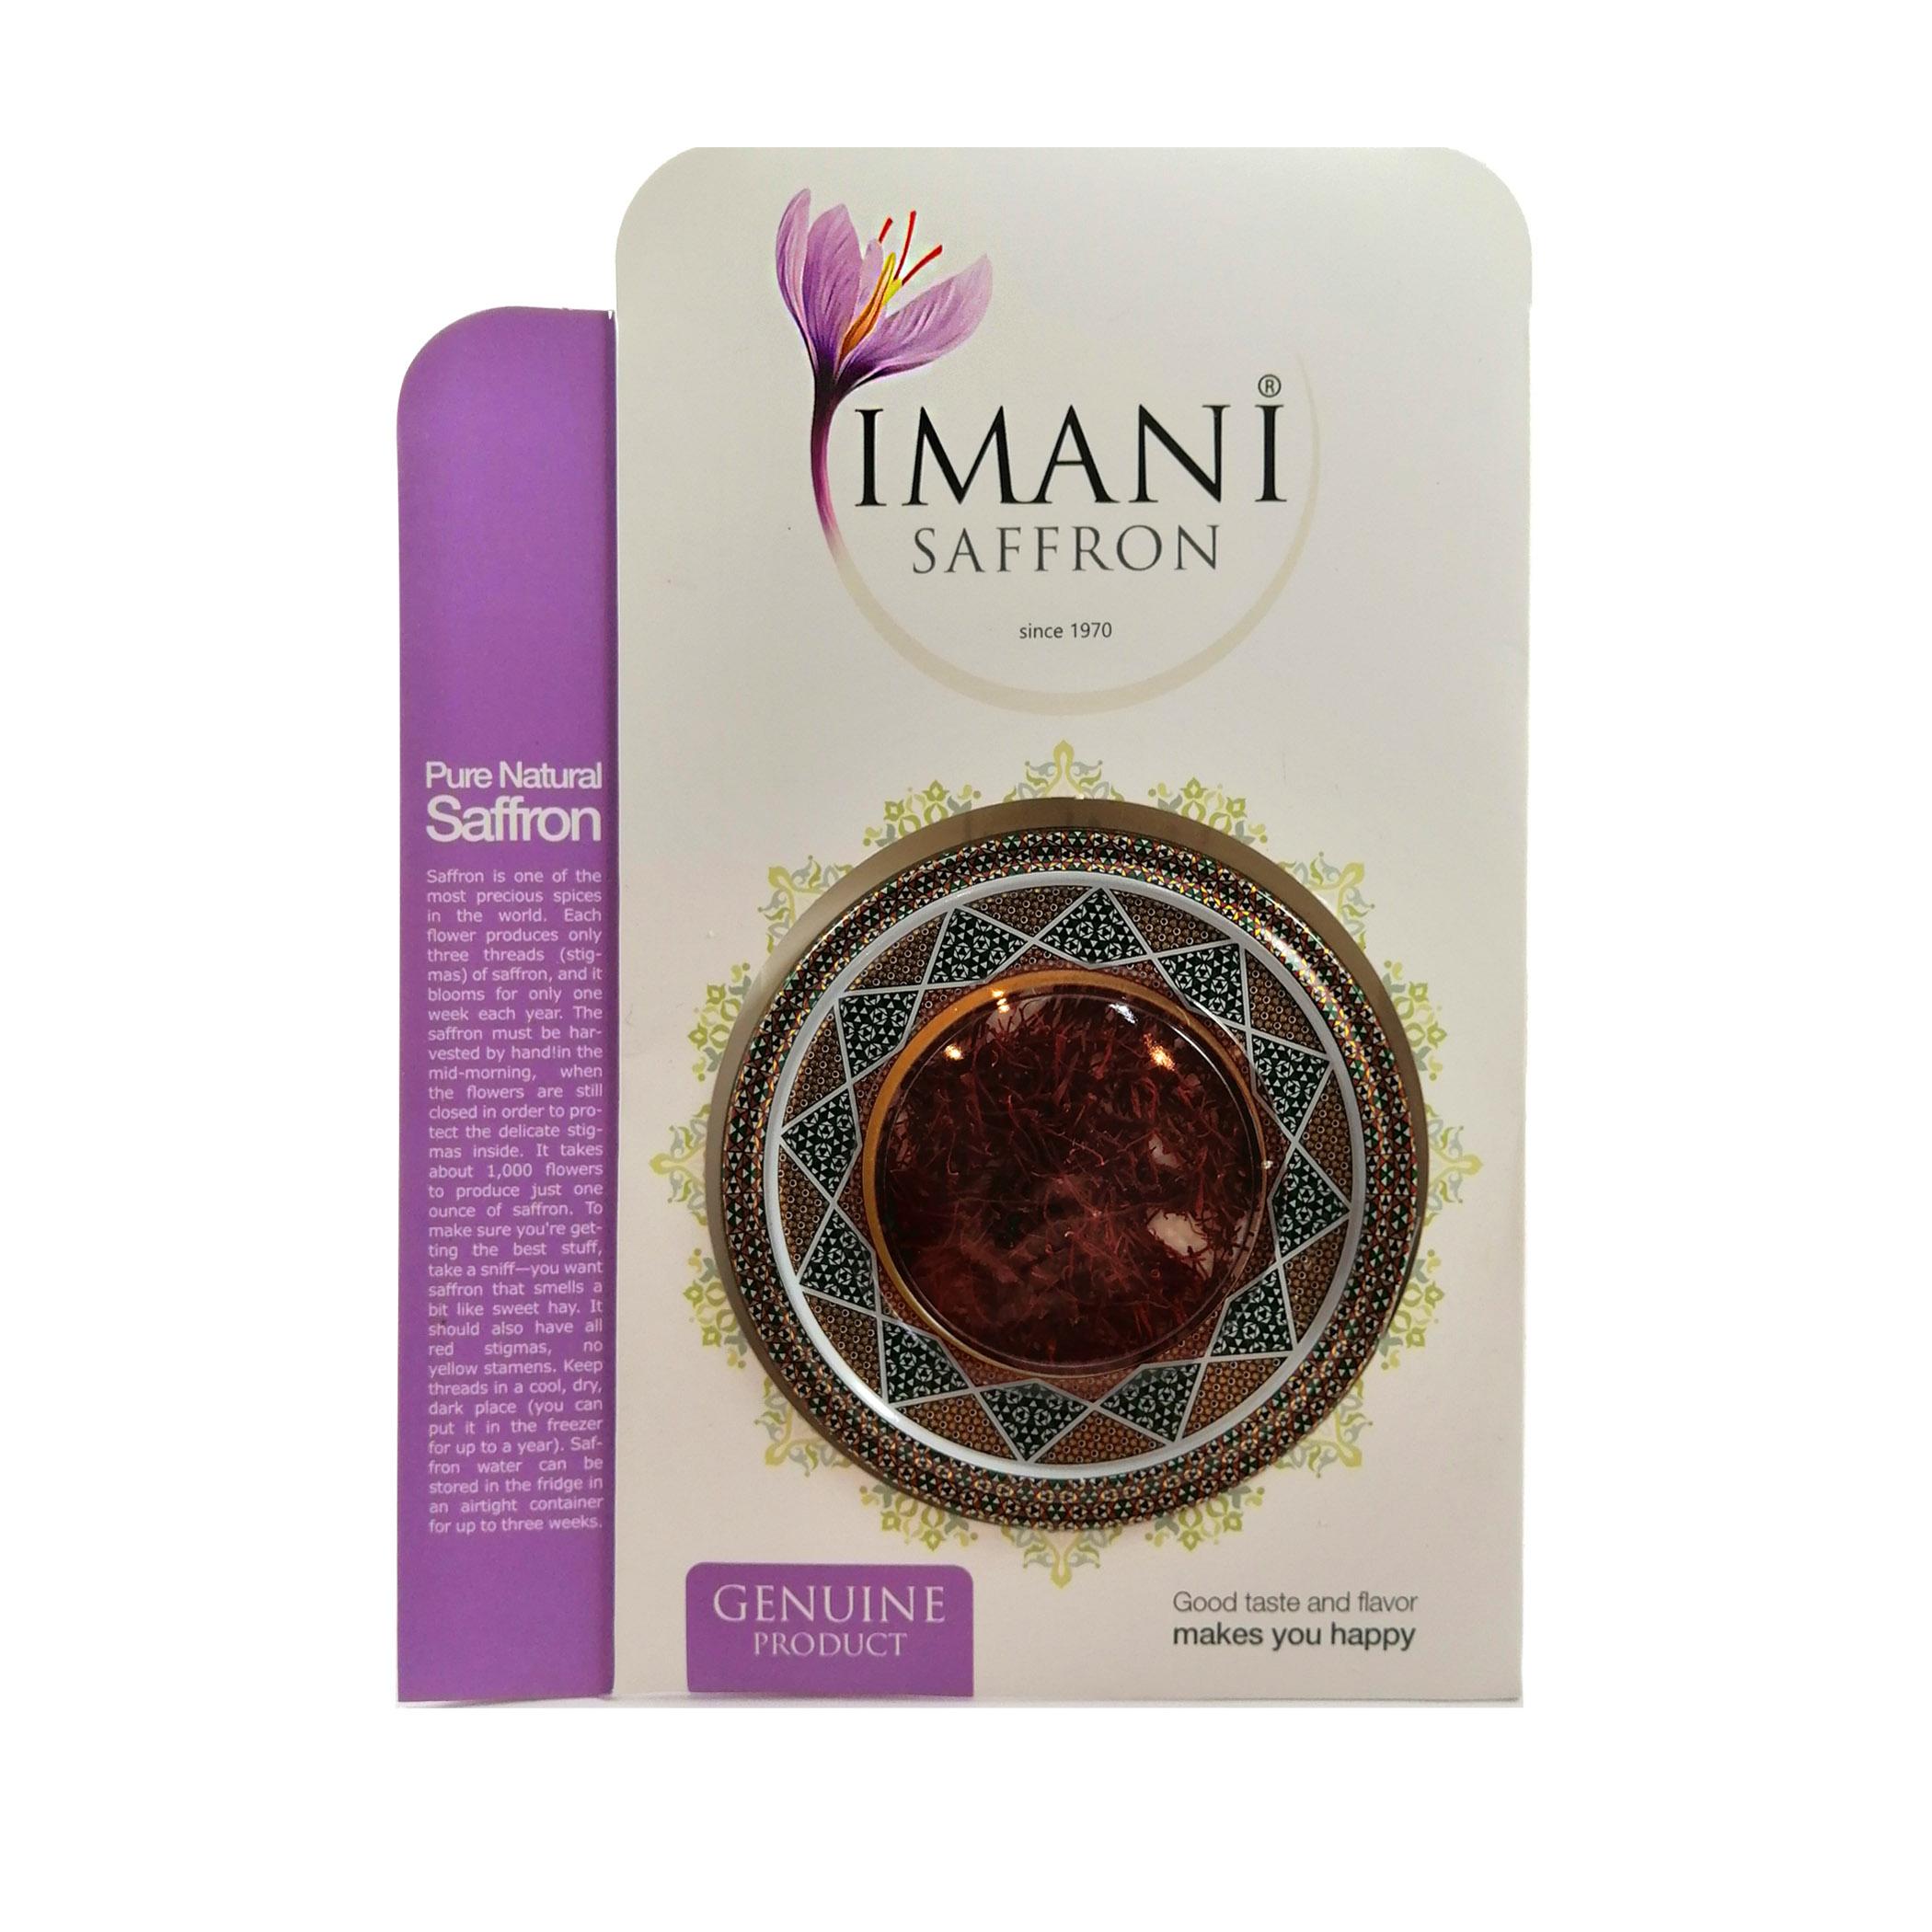 زعفران سرگل ایمانی - 2.3 گرم